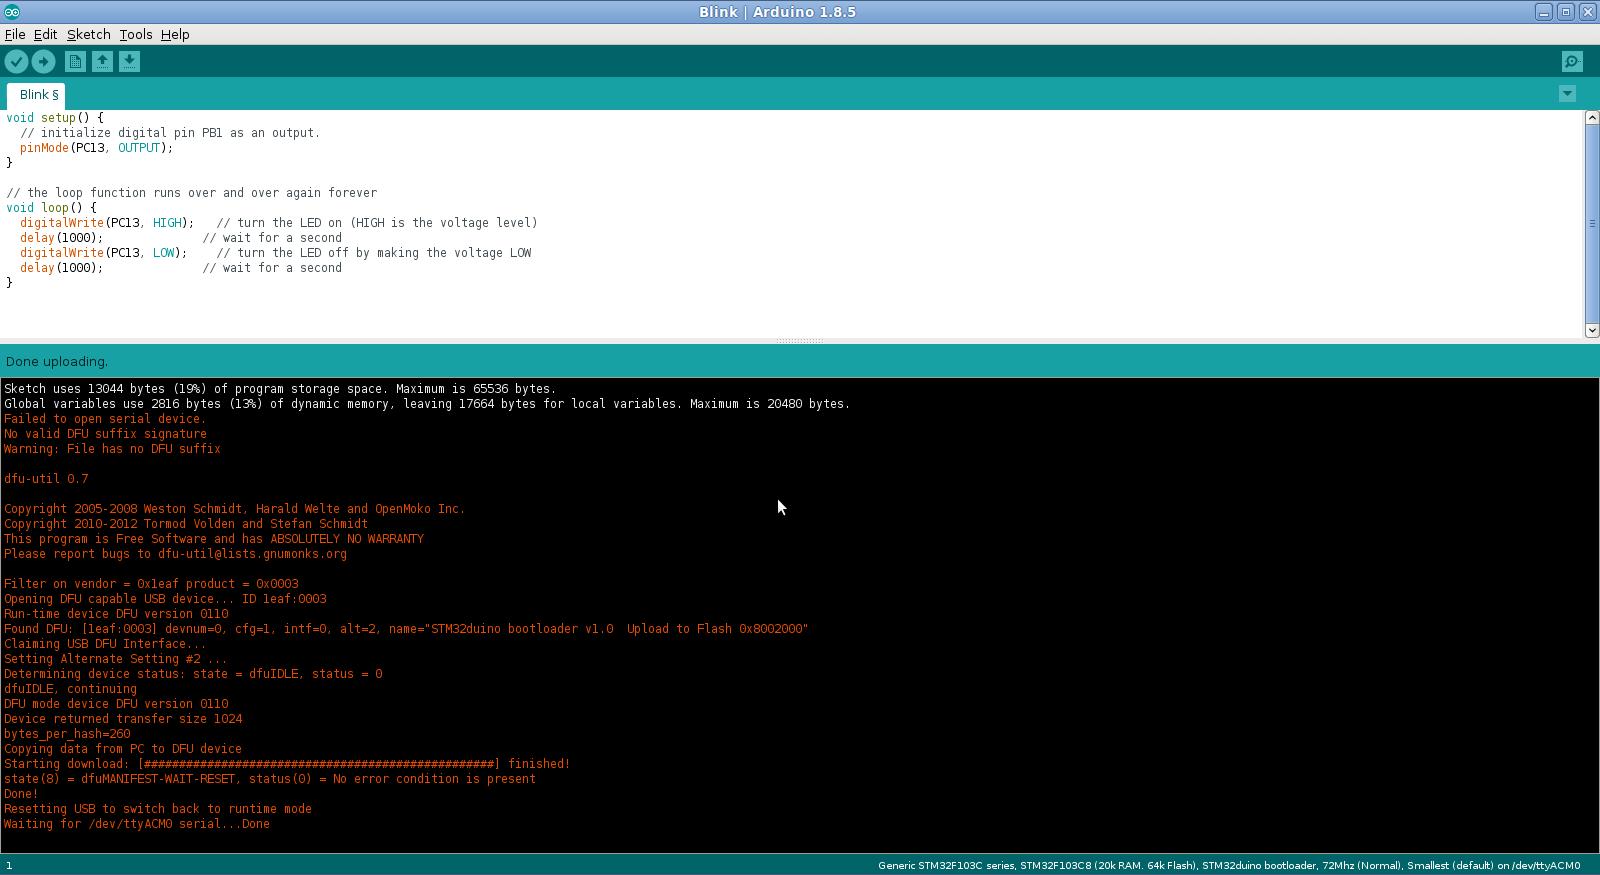 STM32 bluepill arduino IDE -  [ZooBaB]